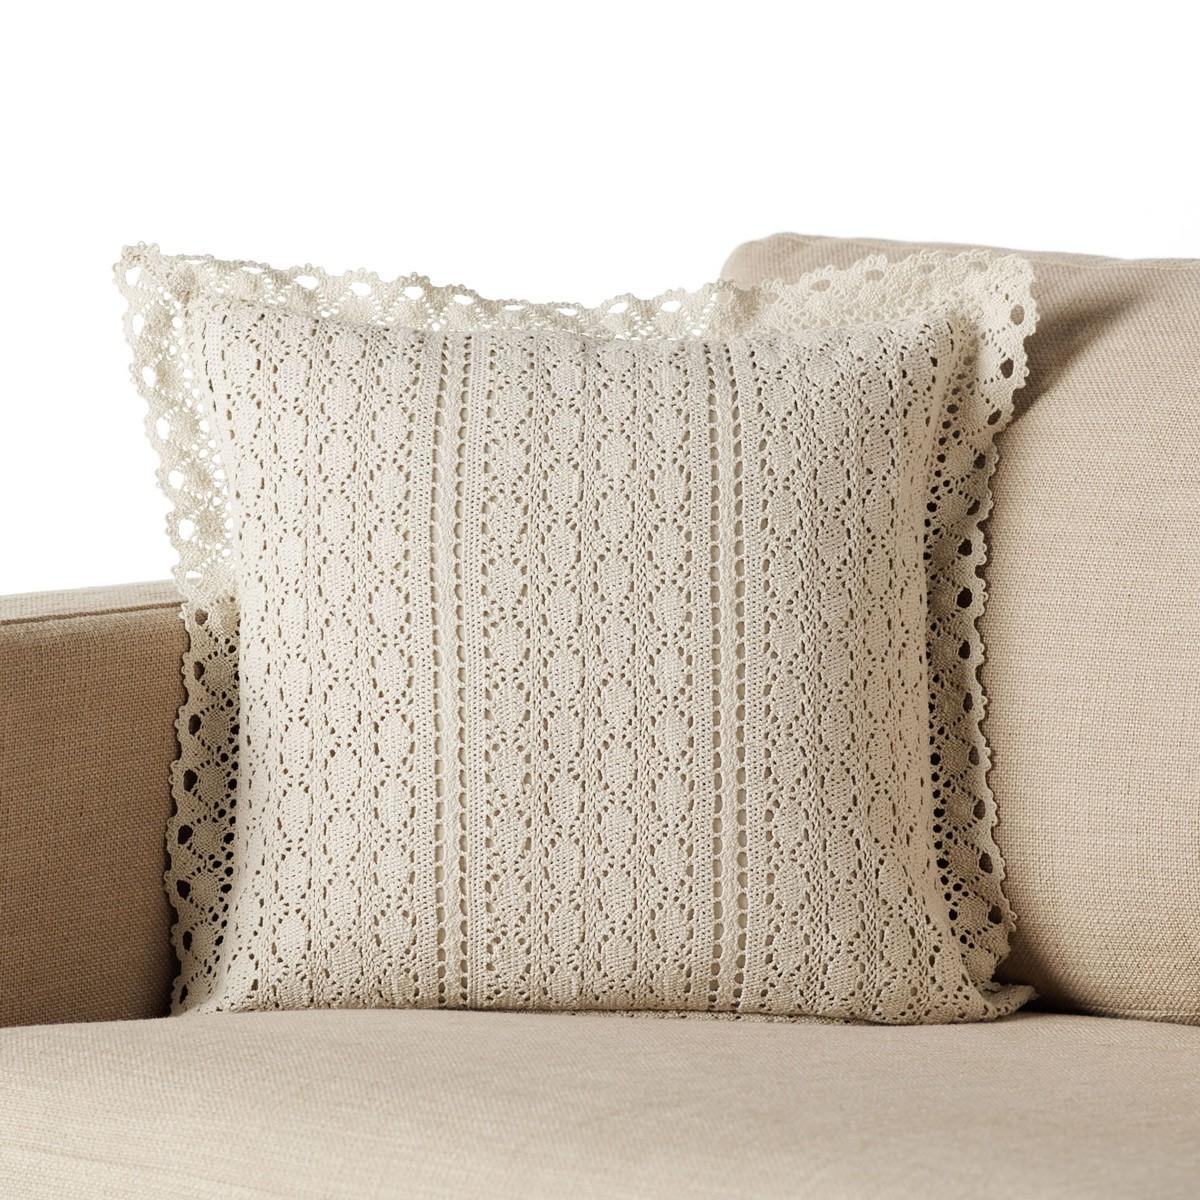 Διακοσμητική Μαξιλαροθήκη Gofis Home Crochet Beige 019/06